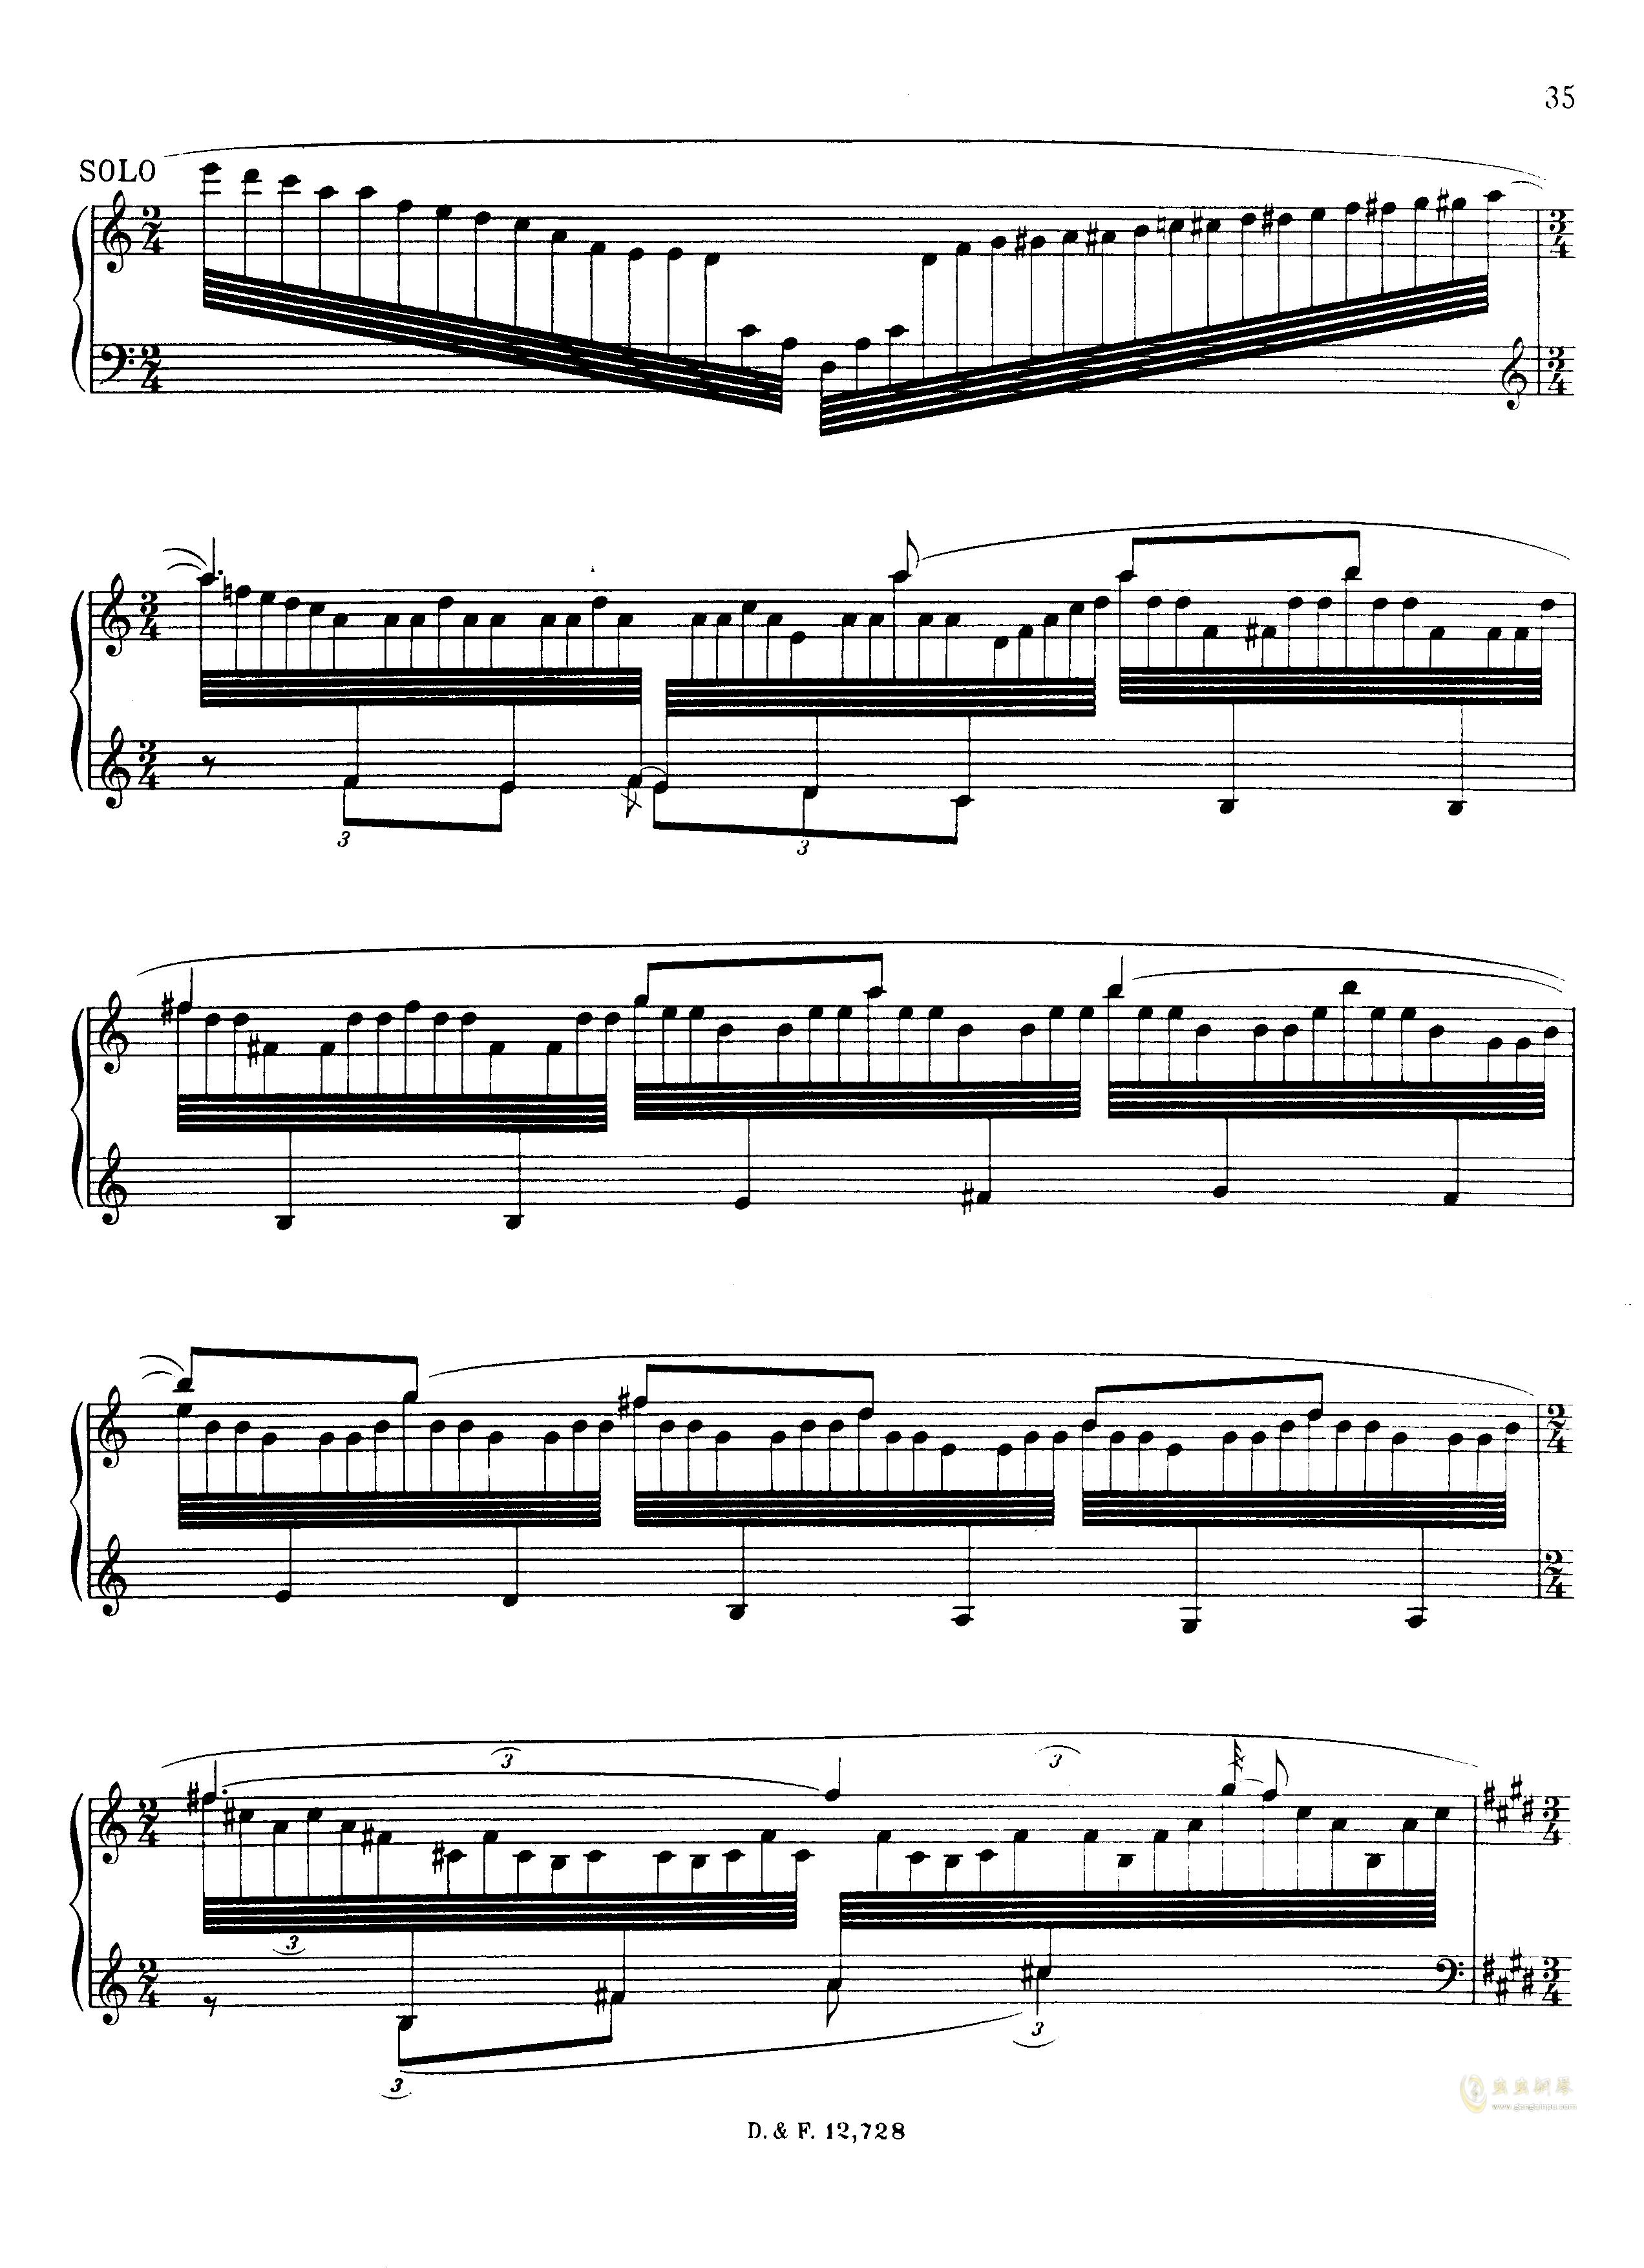 左手钢琴协奏曲钢琴谱 第35页